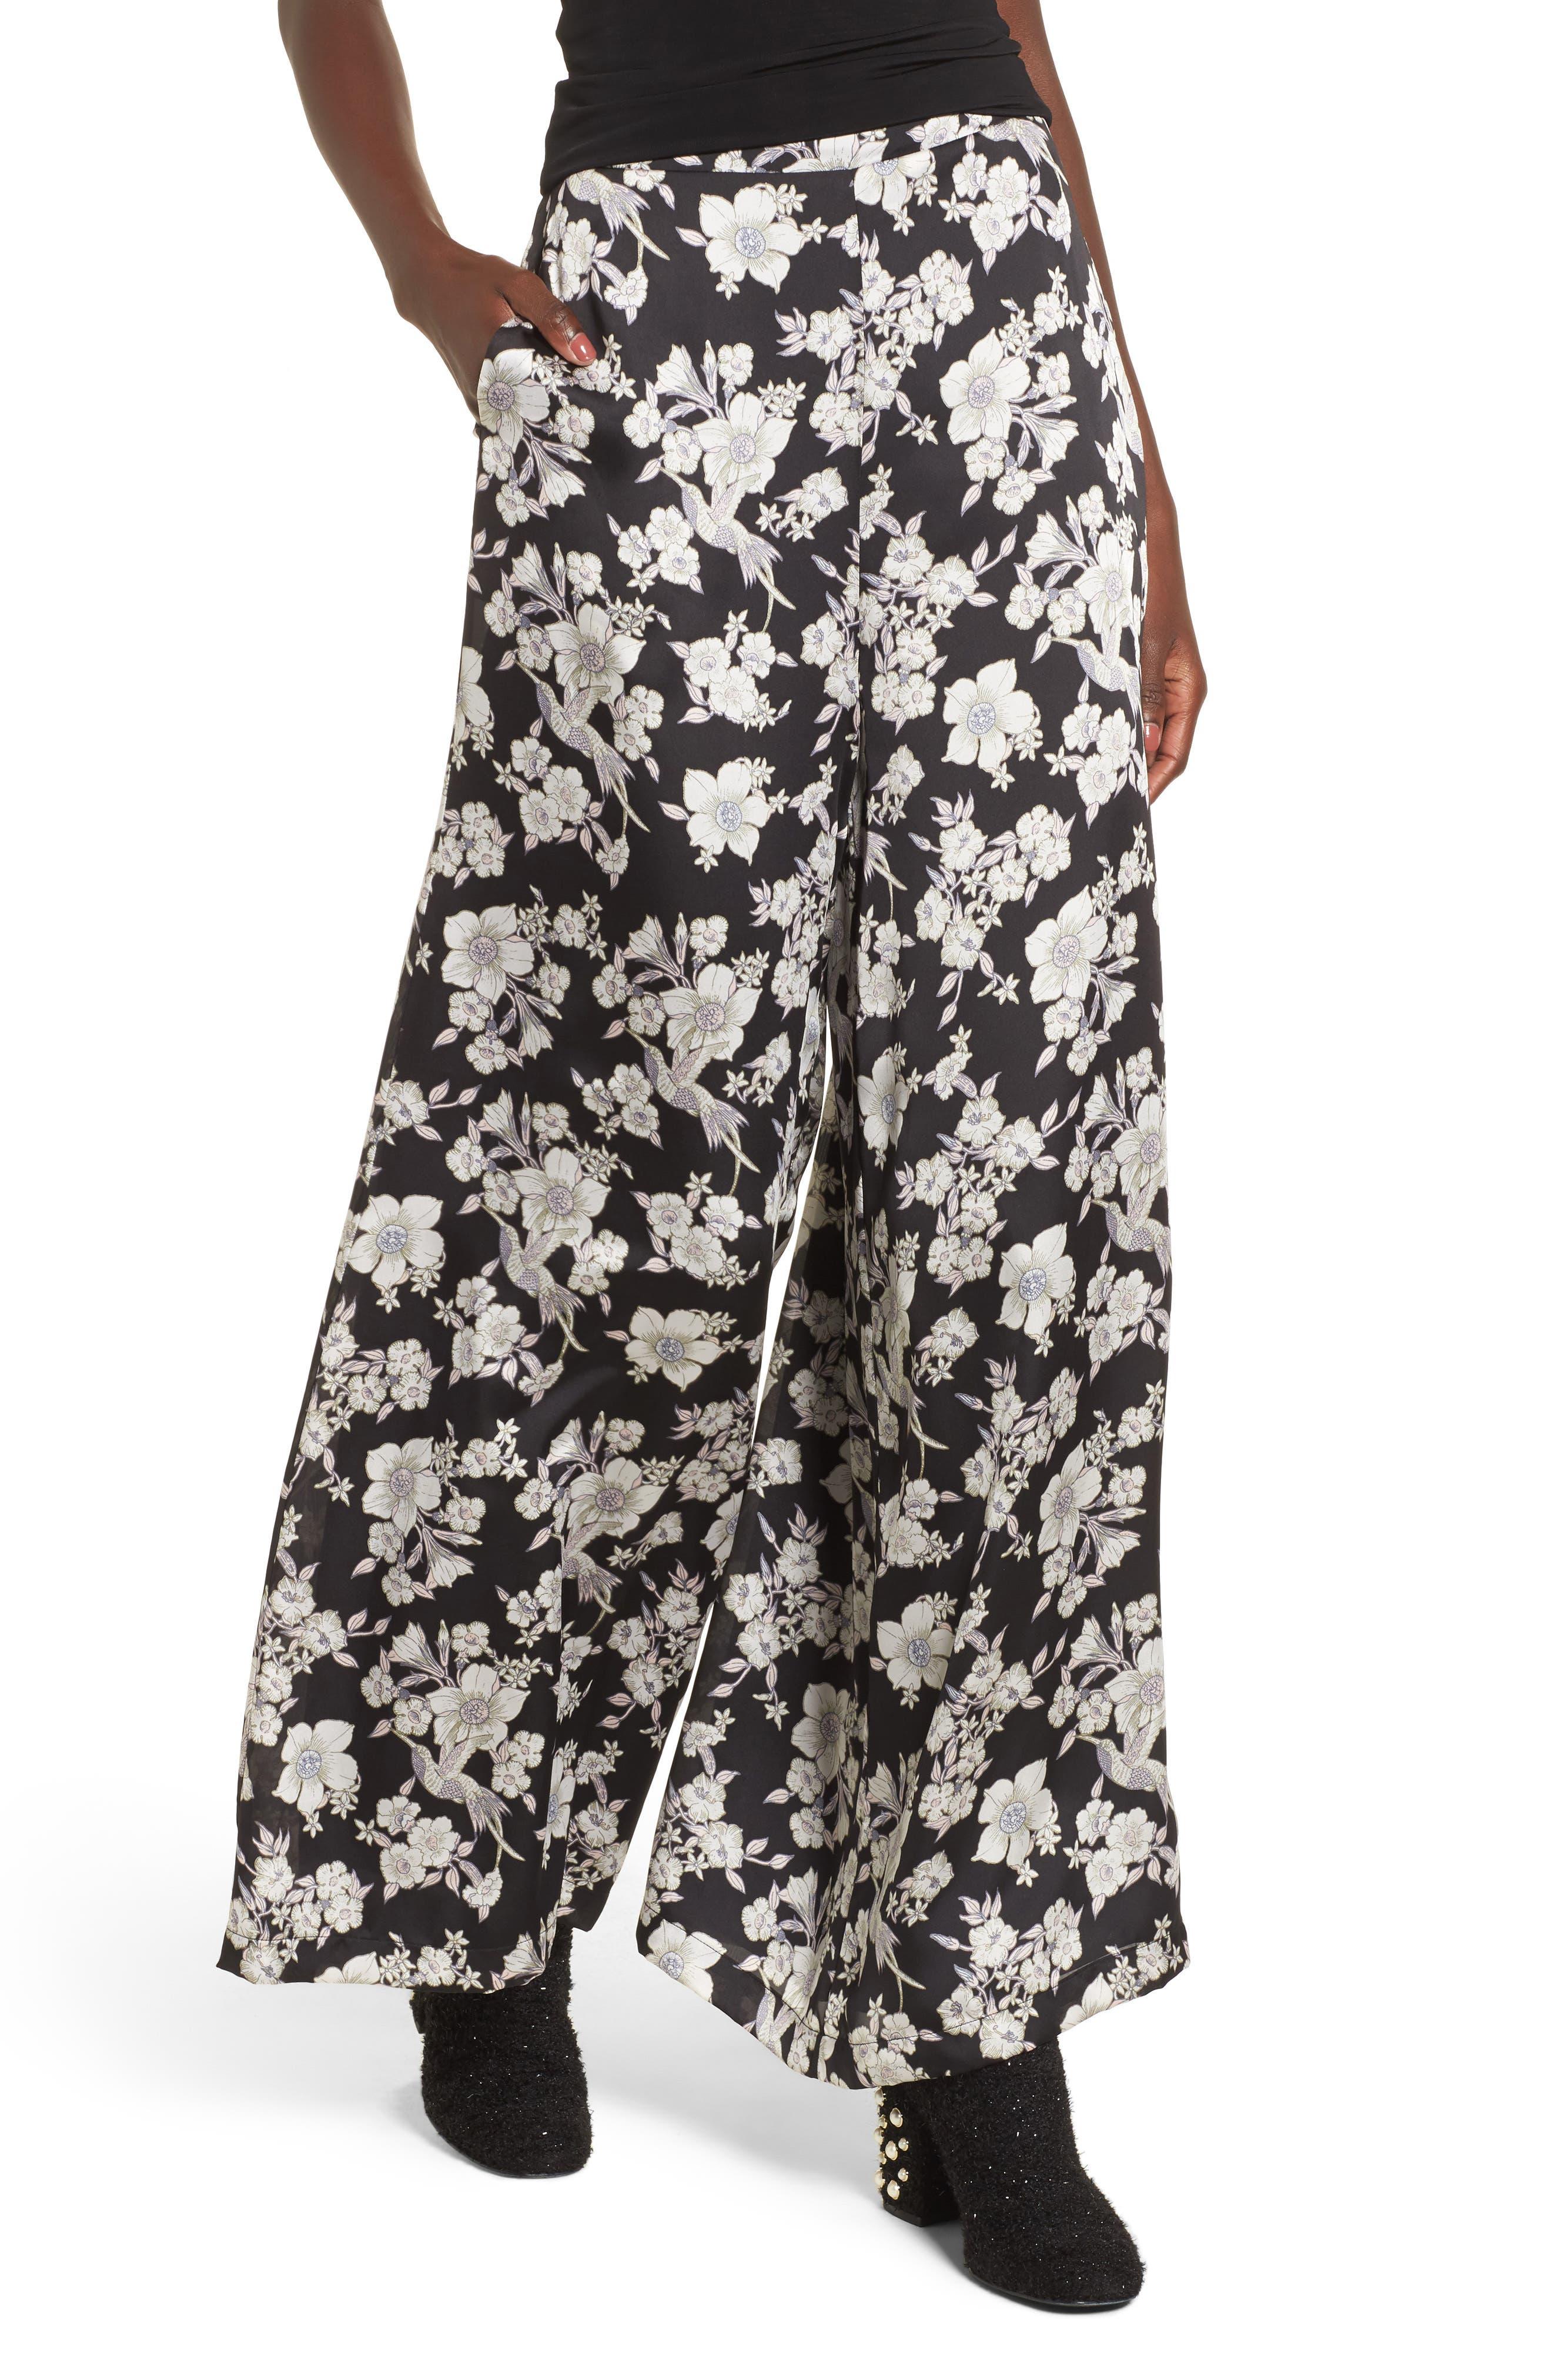 Birdee Wide Leg Pants,                             Main thumbnail 1, color,                             Black Floral